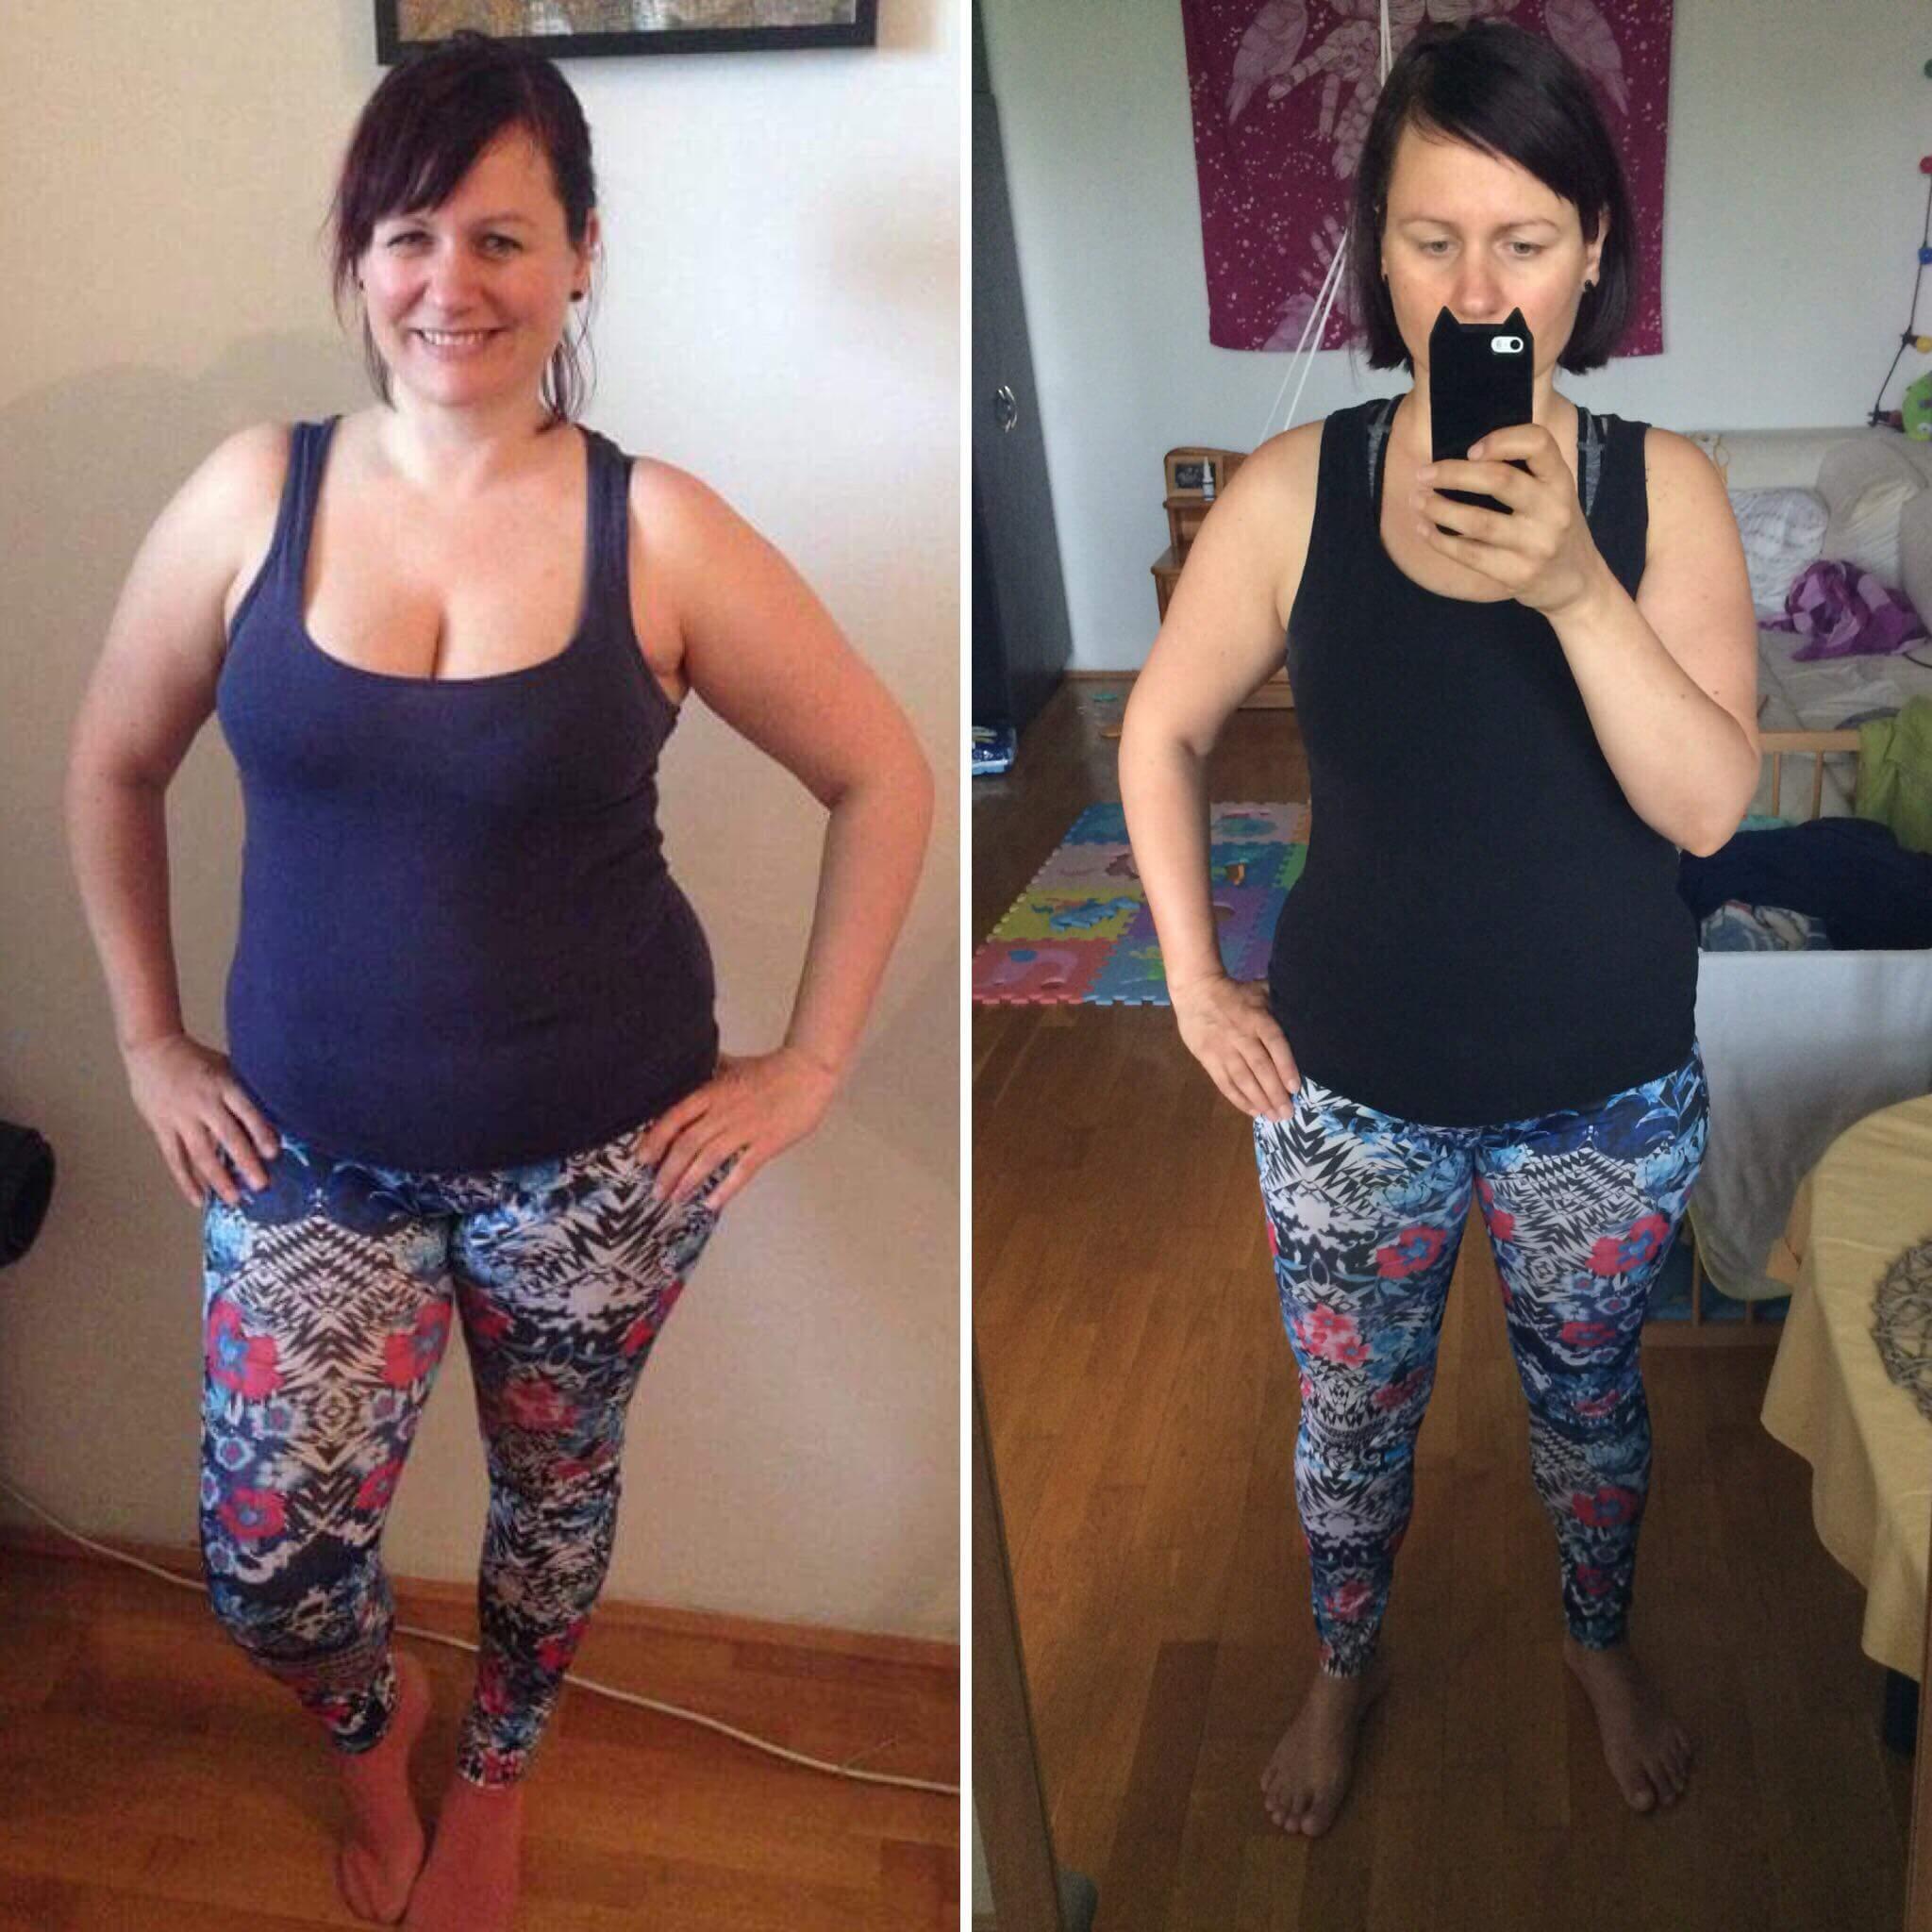 fogyni egy hónap alatt 3 kilómet